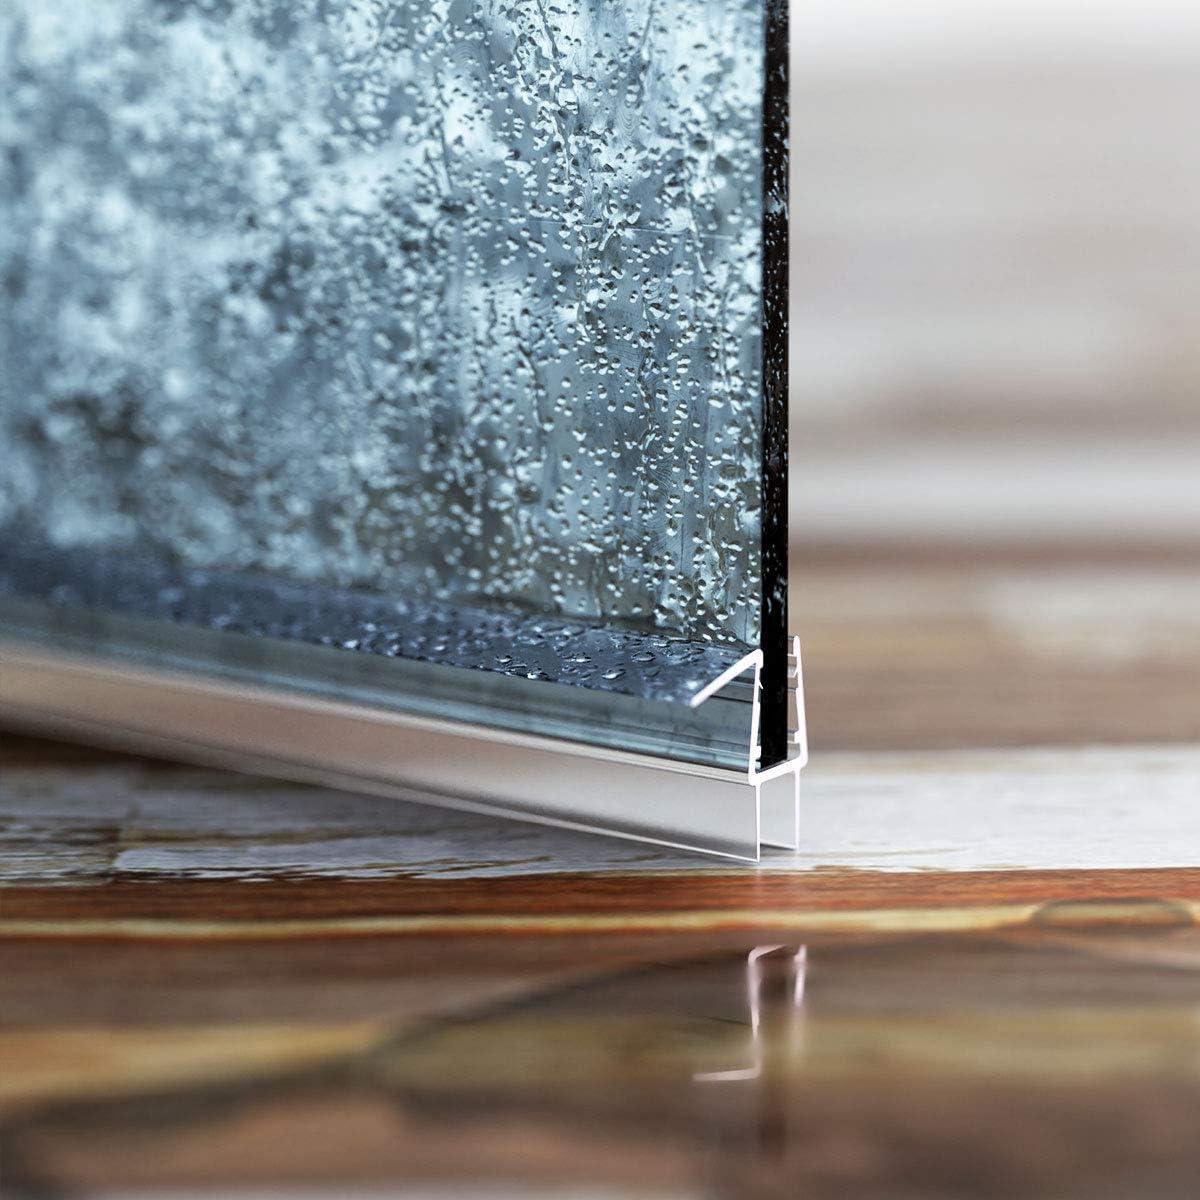 STEIGNER 70 cm Junta Repuesto Para el Vidrio 10mm/11mm Junta Vierteaguas de Ducha, UK20-10: Amazon.es: Bricolaje y herramientas